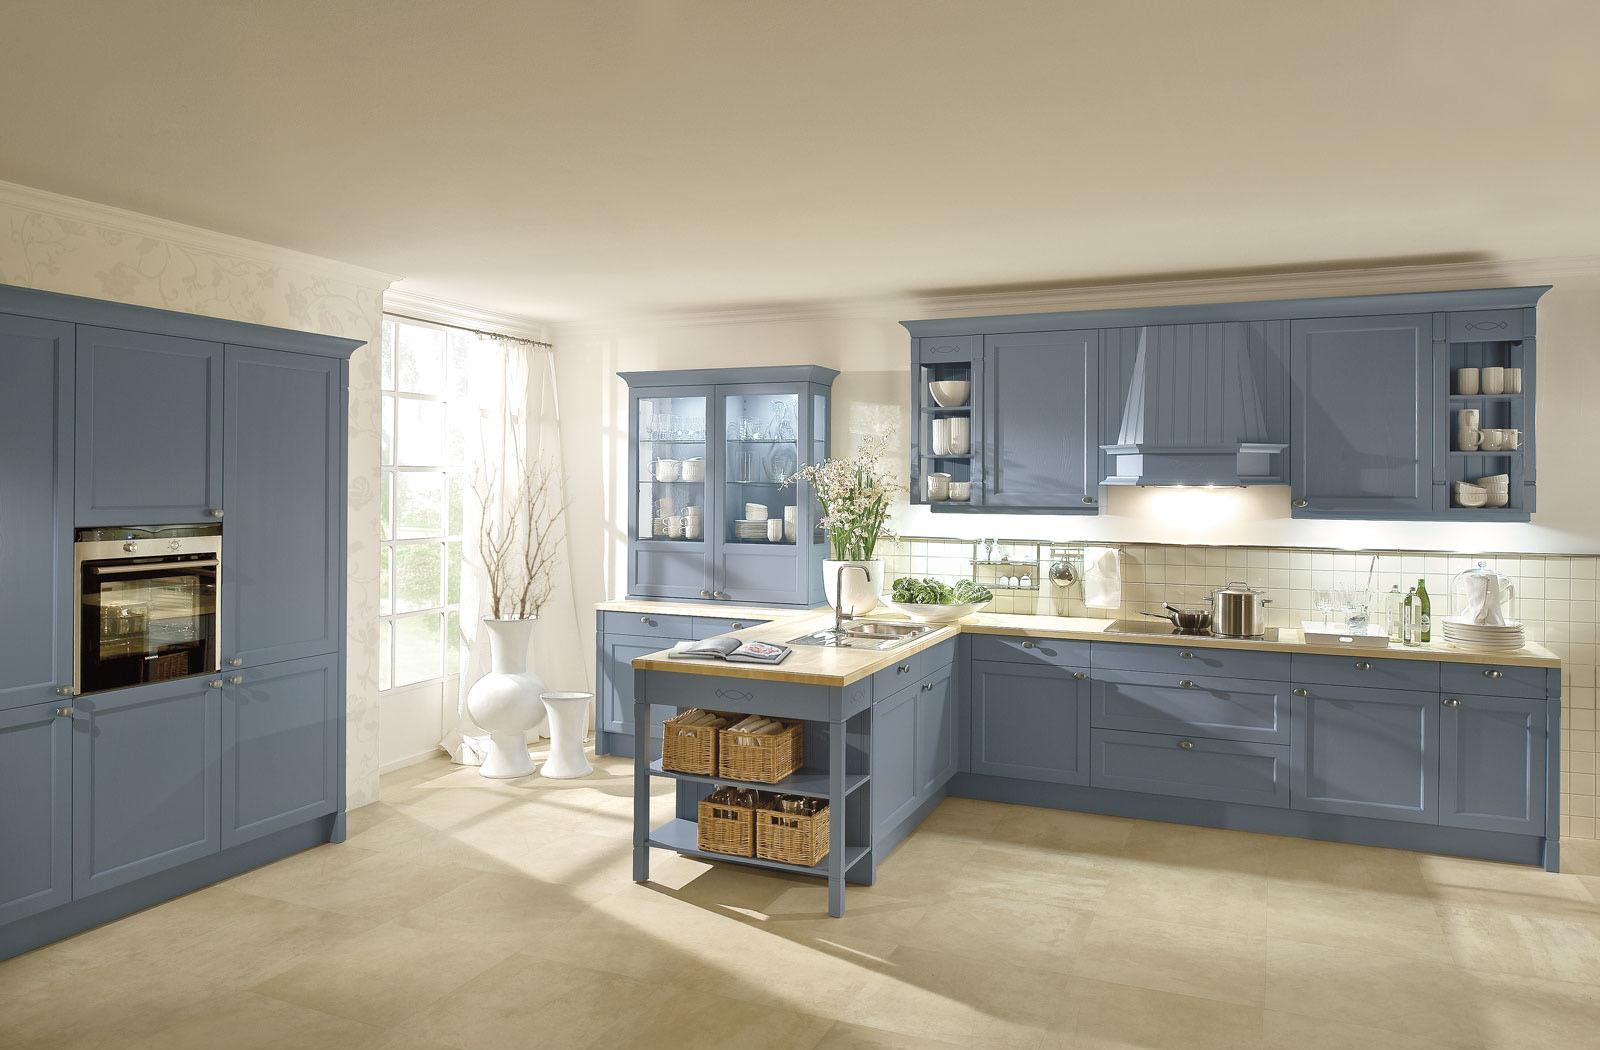 Charmant Küchenwände Blau Lackiert Ideen - Ideen Für Die Küche ...